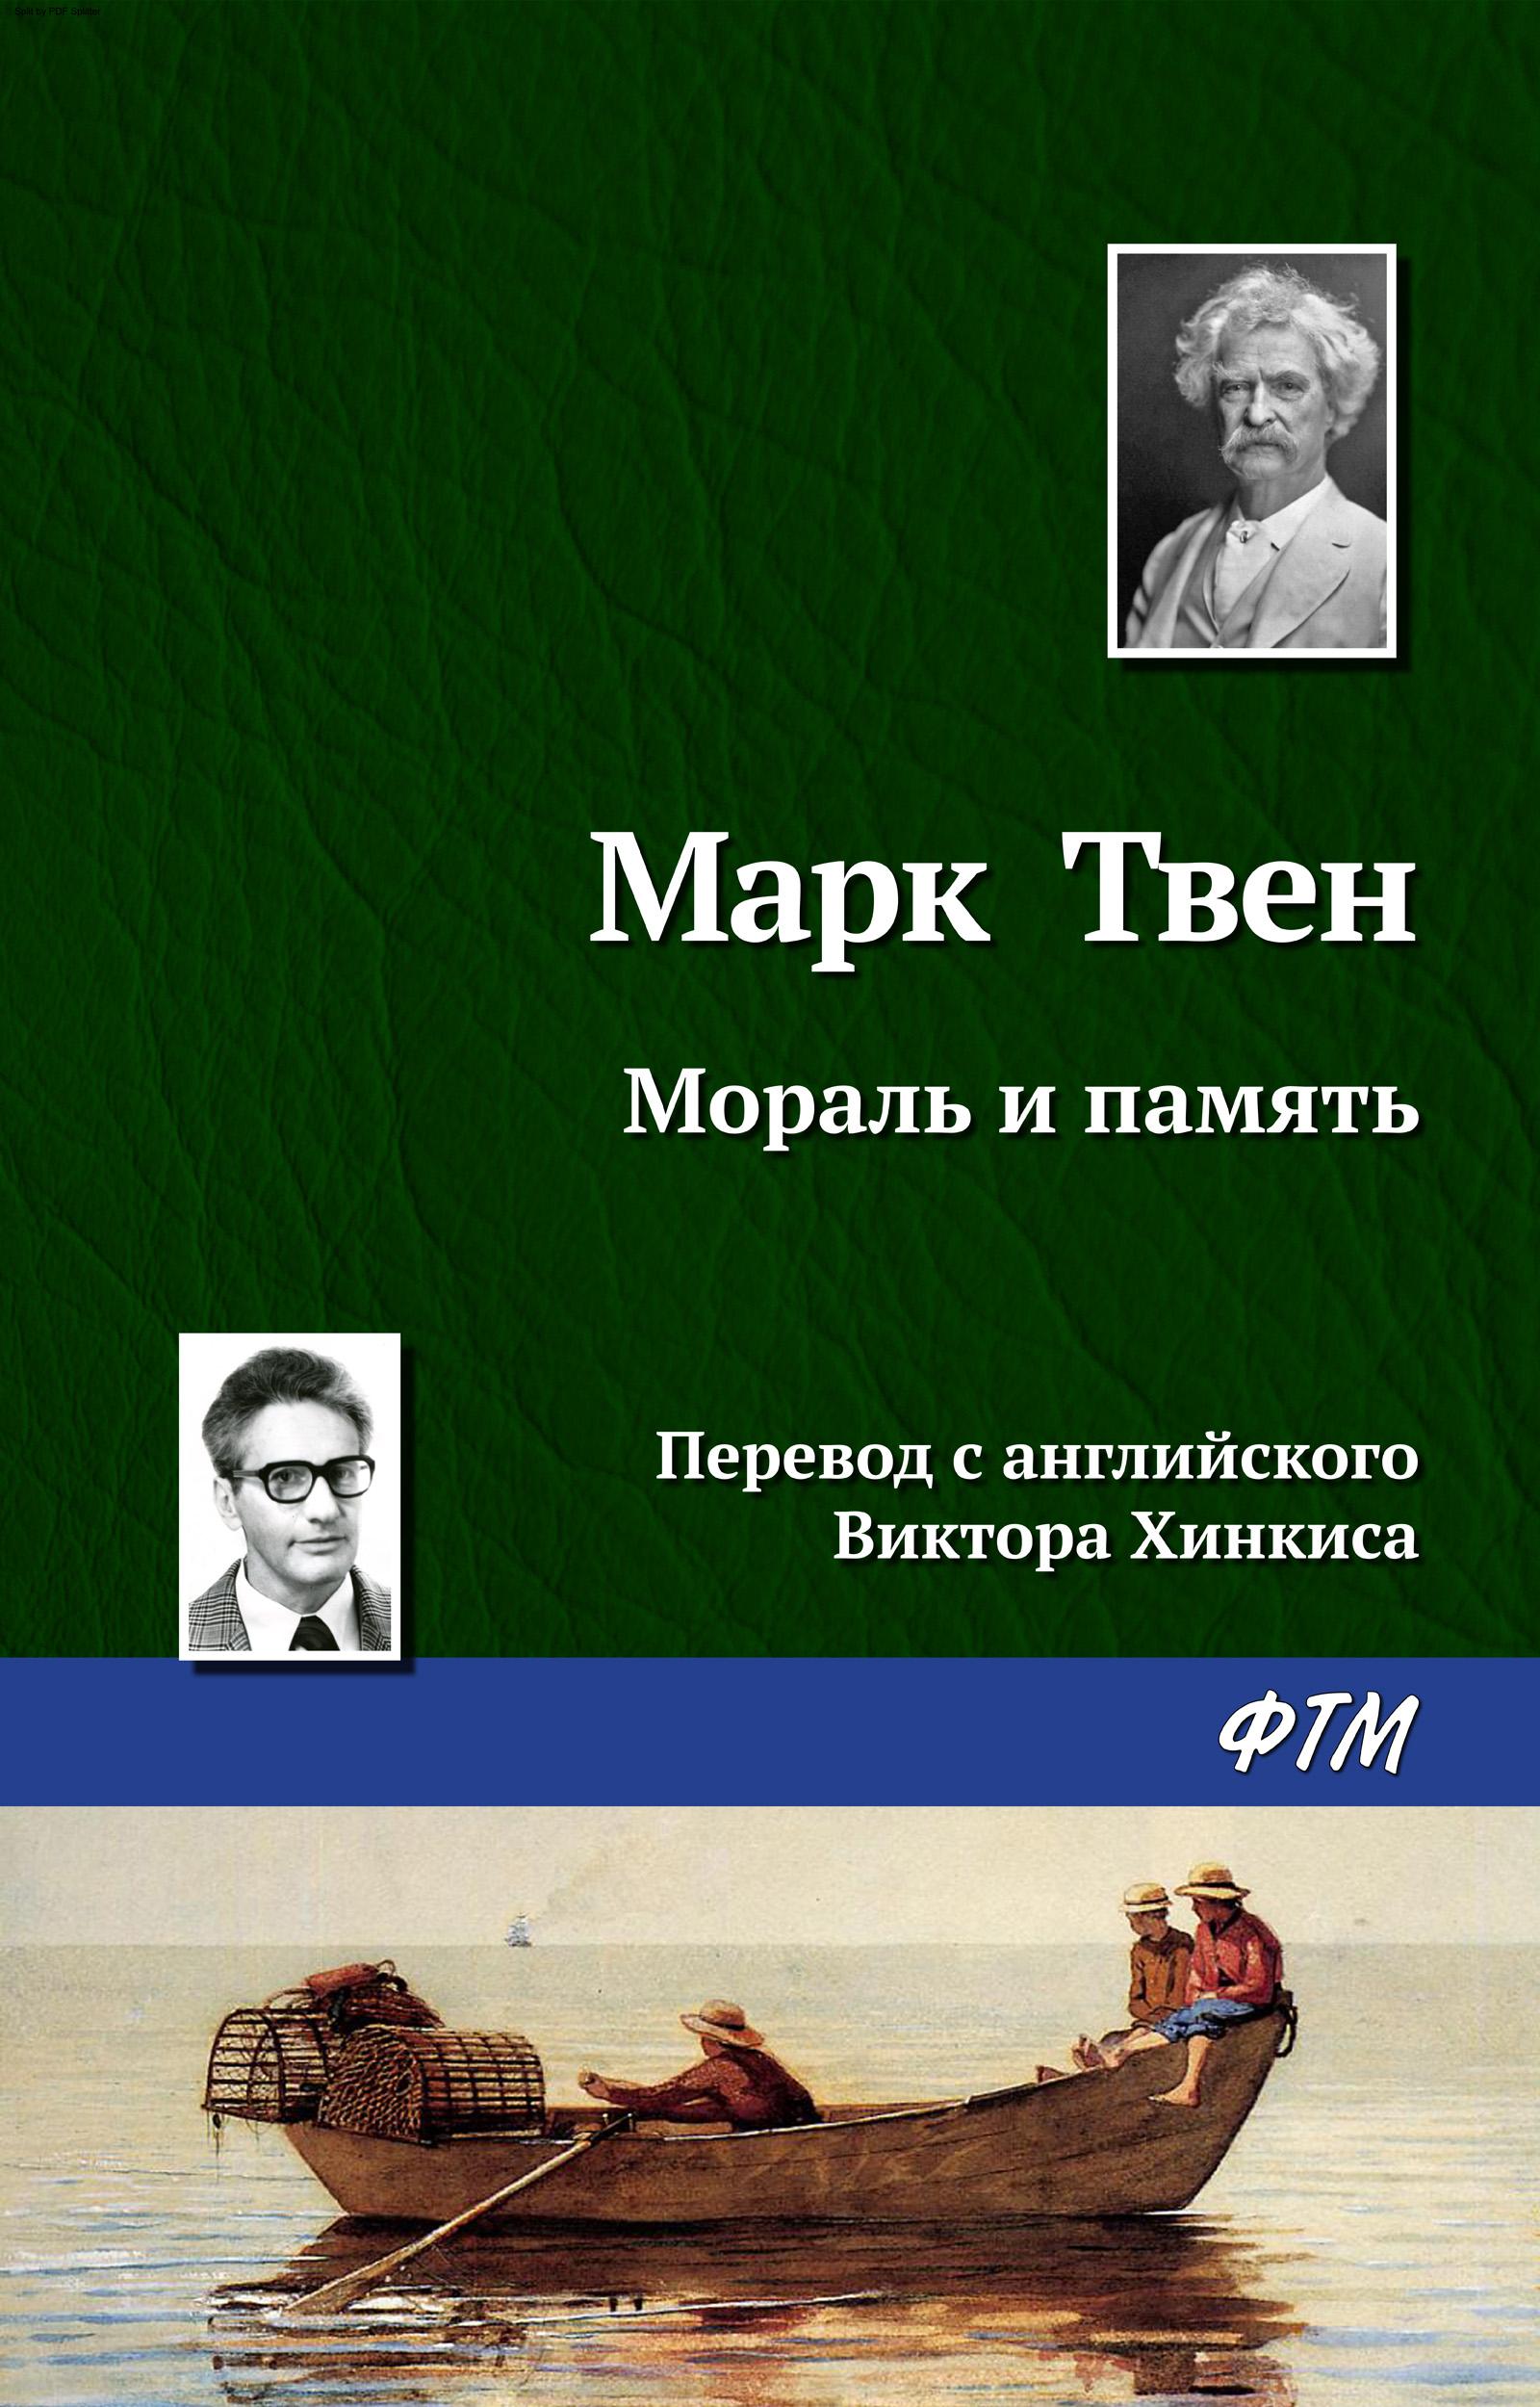 Марк Твен Мораль и память